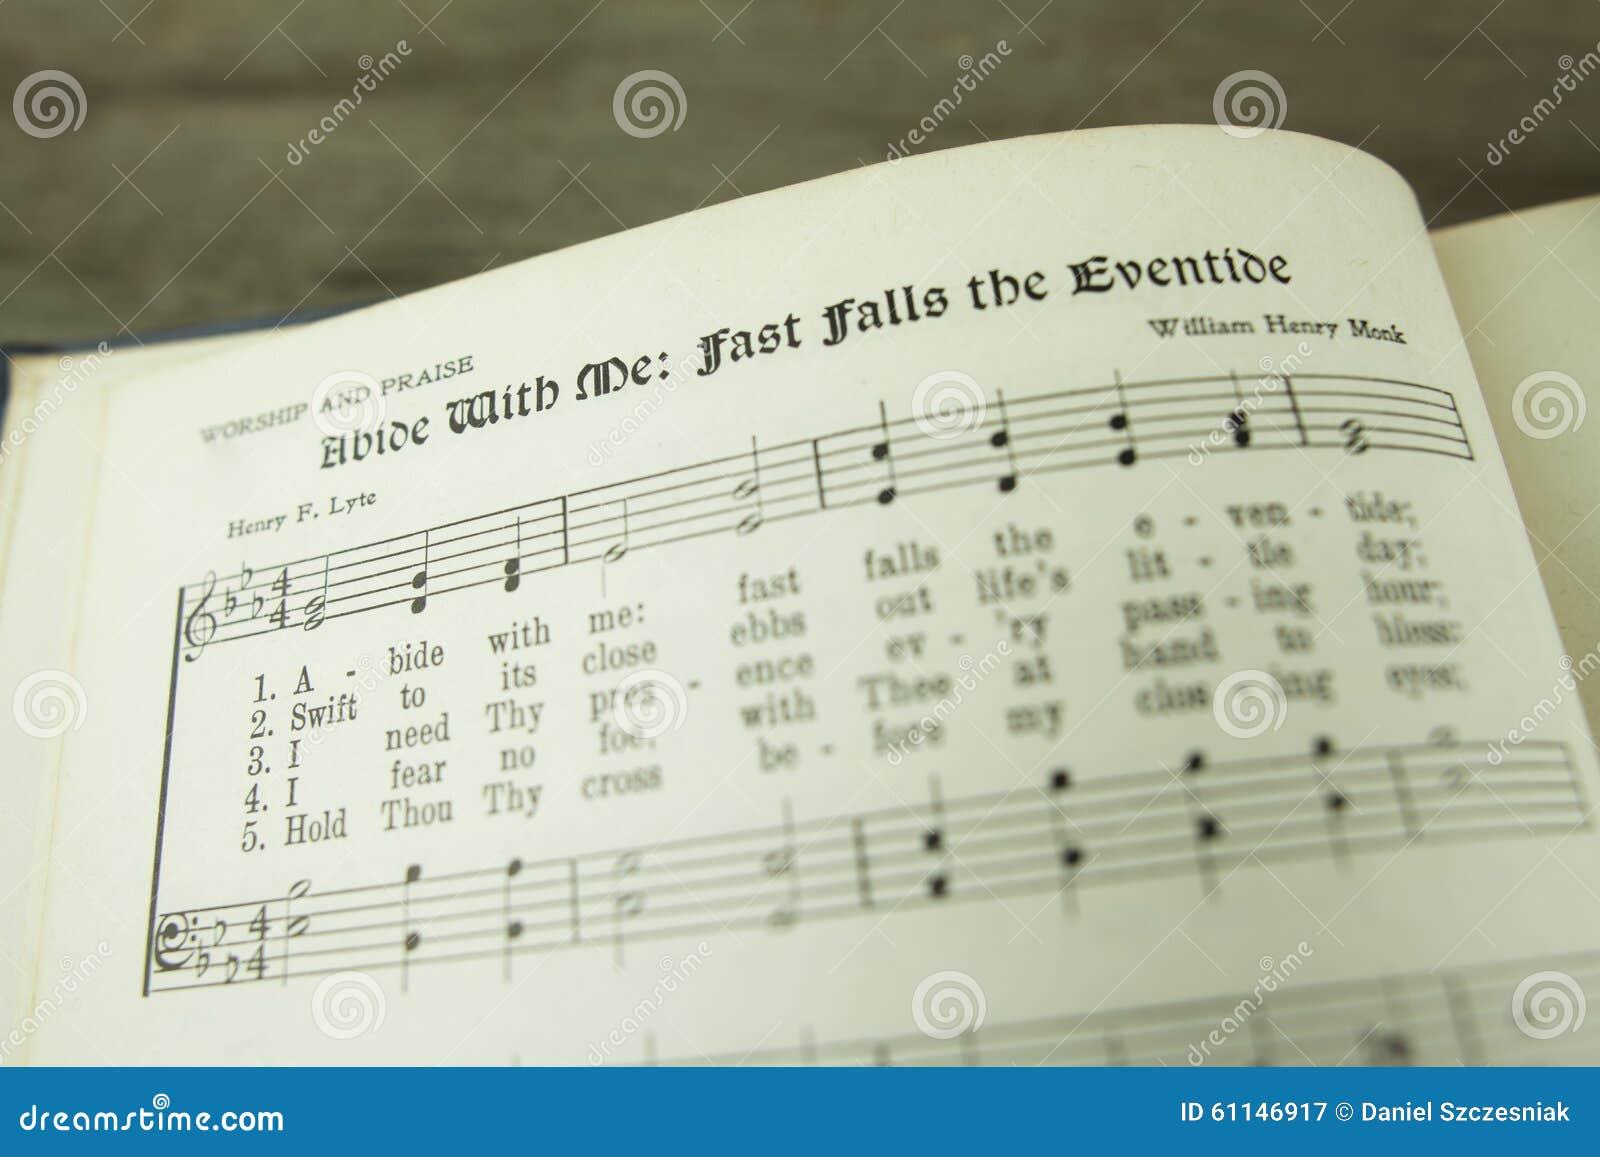 Verblijf met me snel valt Eventide Christian Worship Hymn